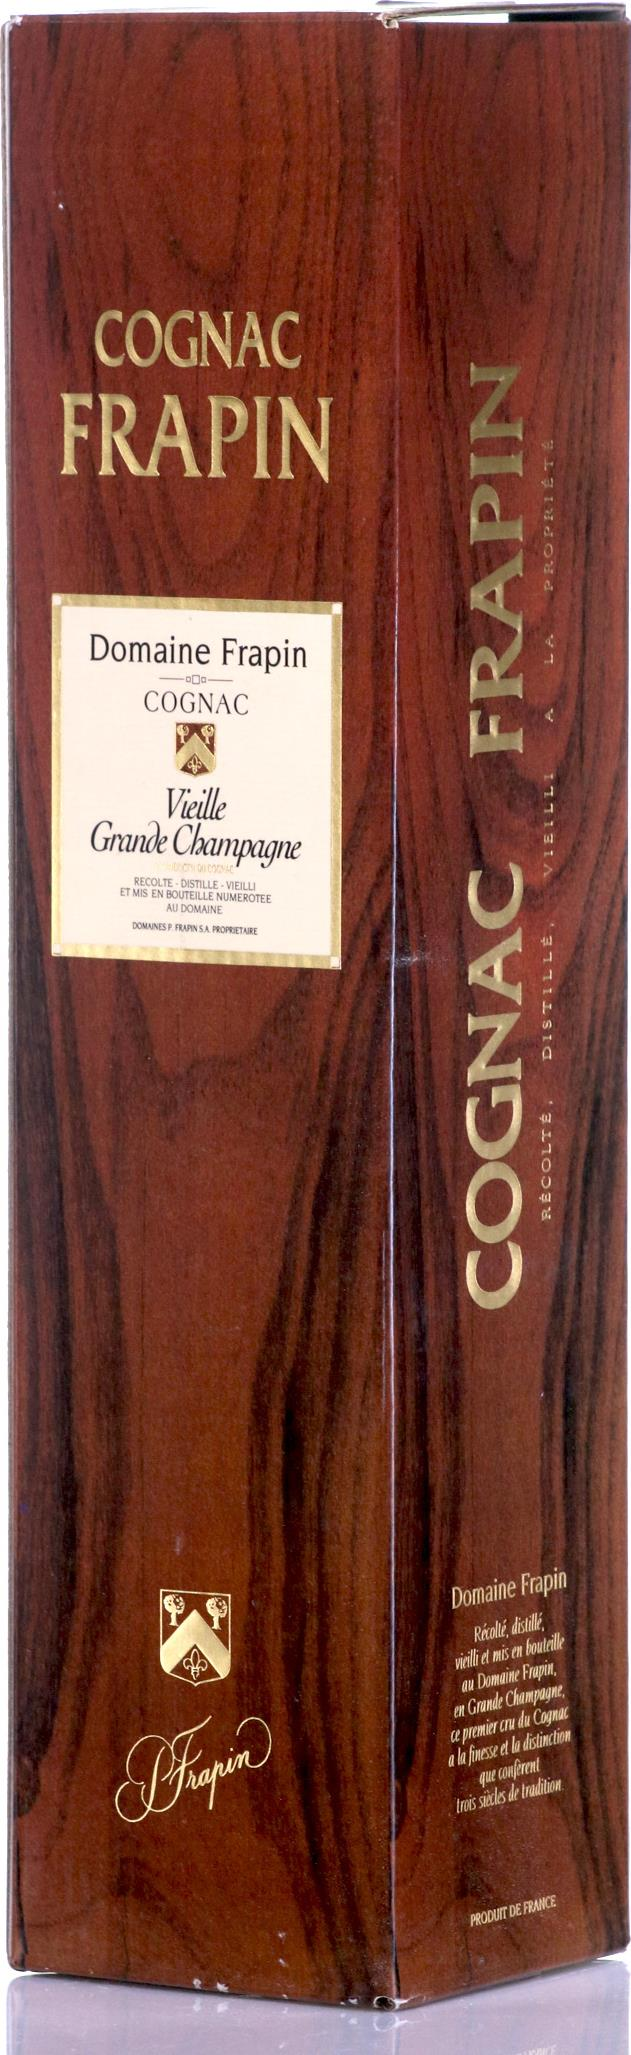 Cognac Frapin Vielle Grand Champagne